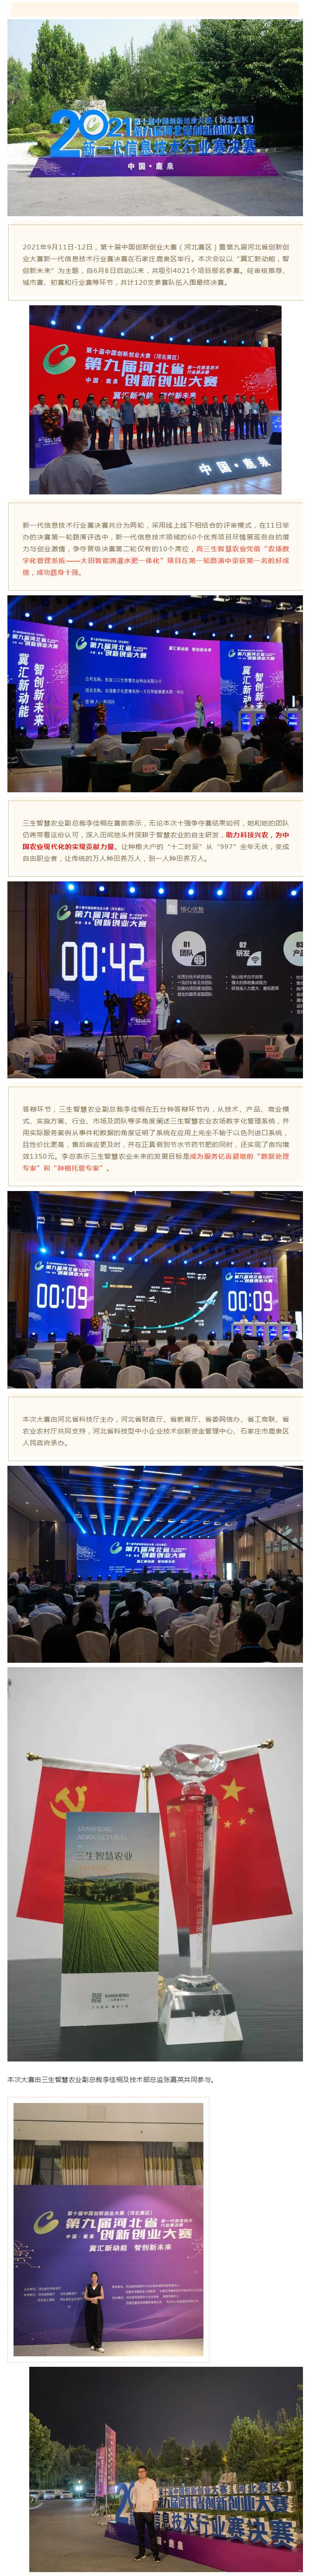 三生智慧农业在河北省创新创业大赛中荣登十强.png